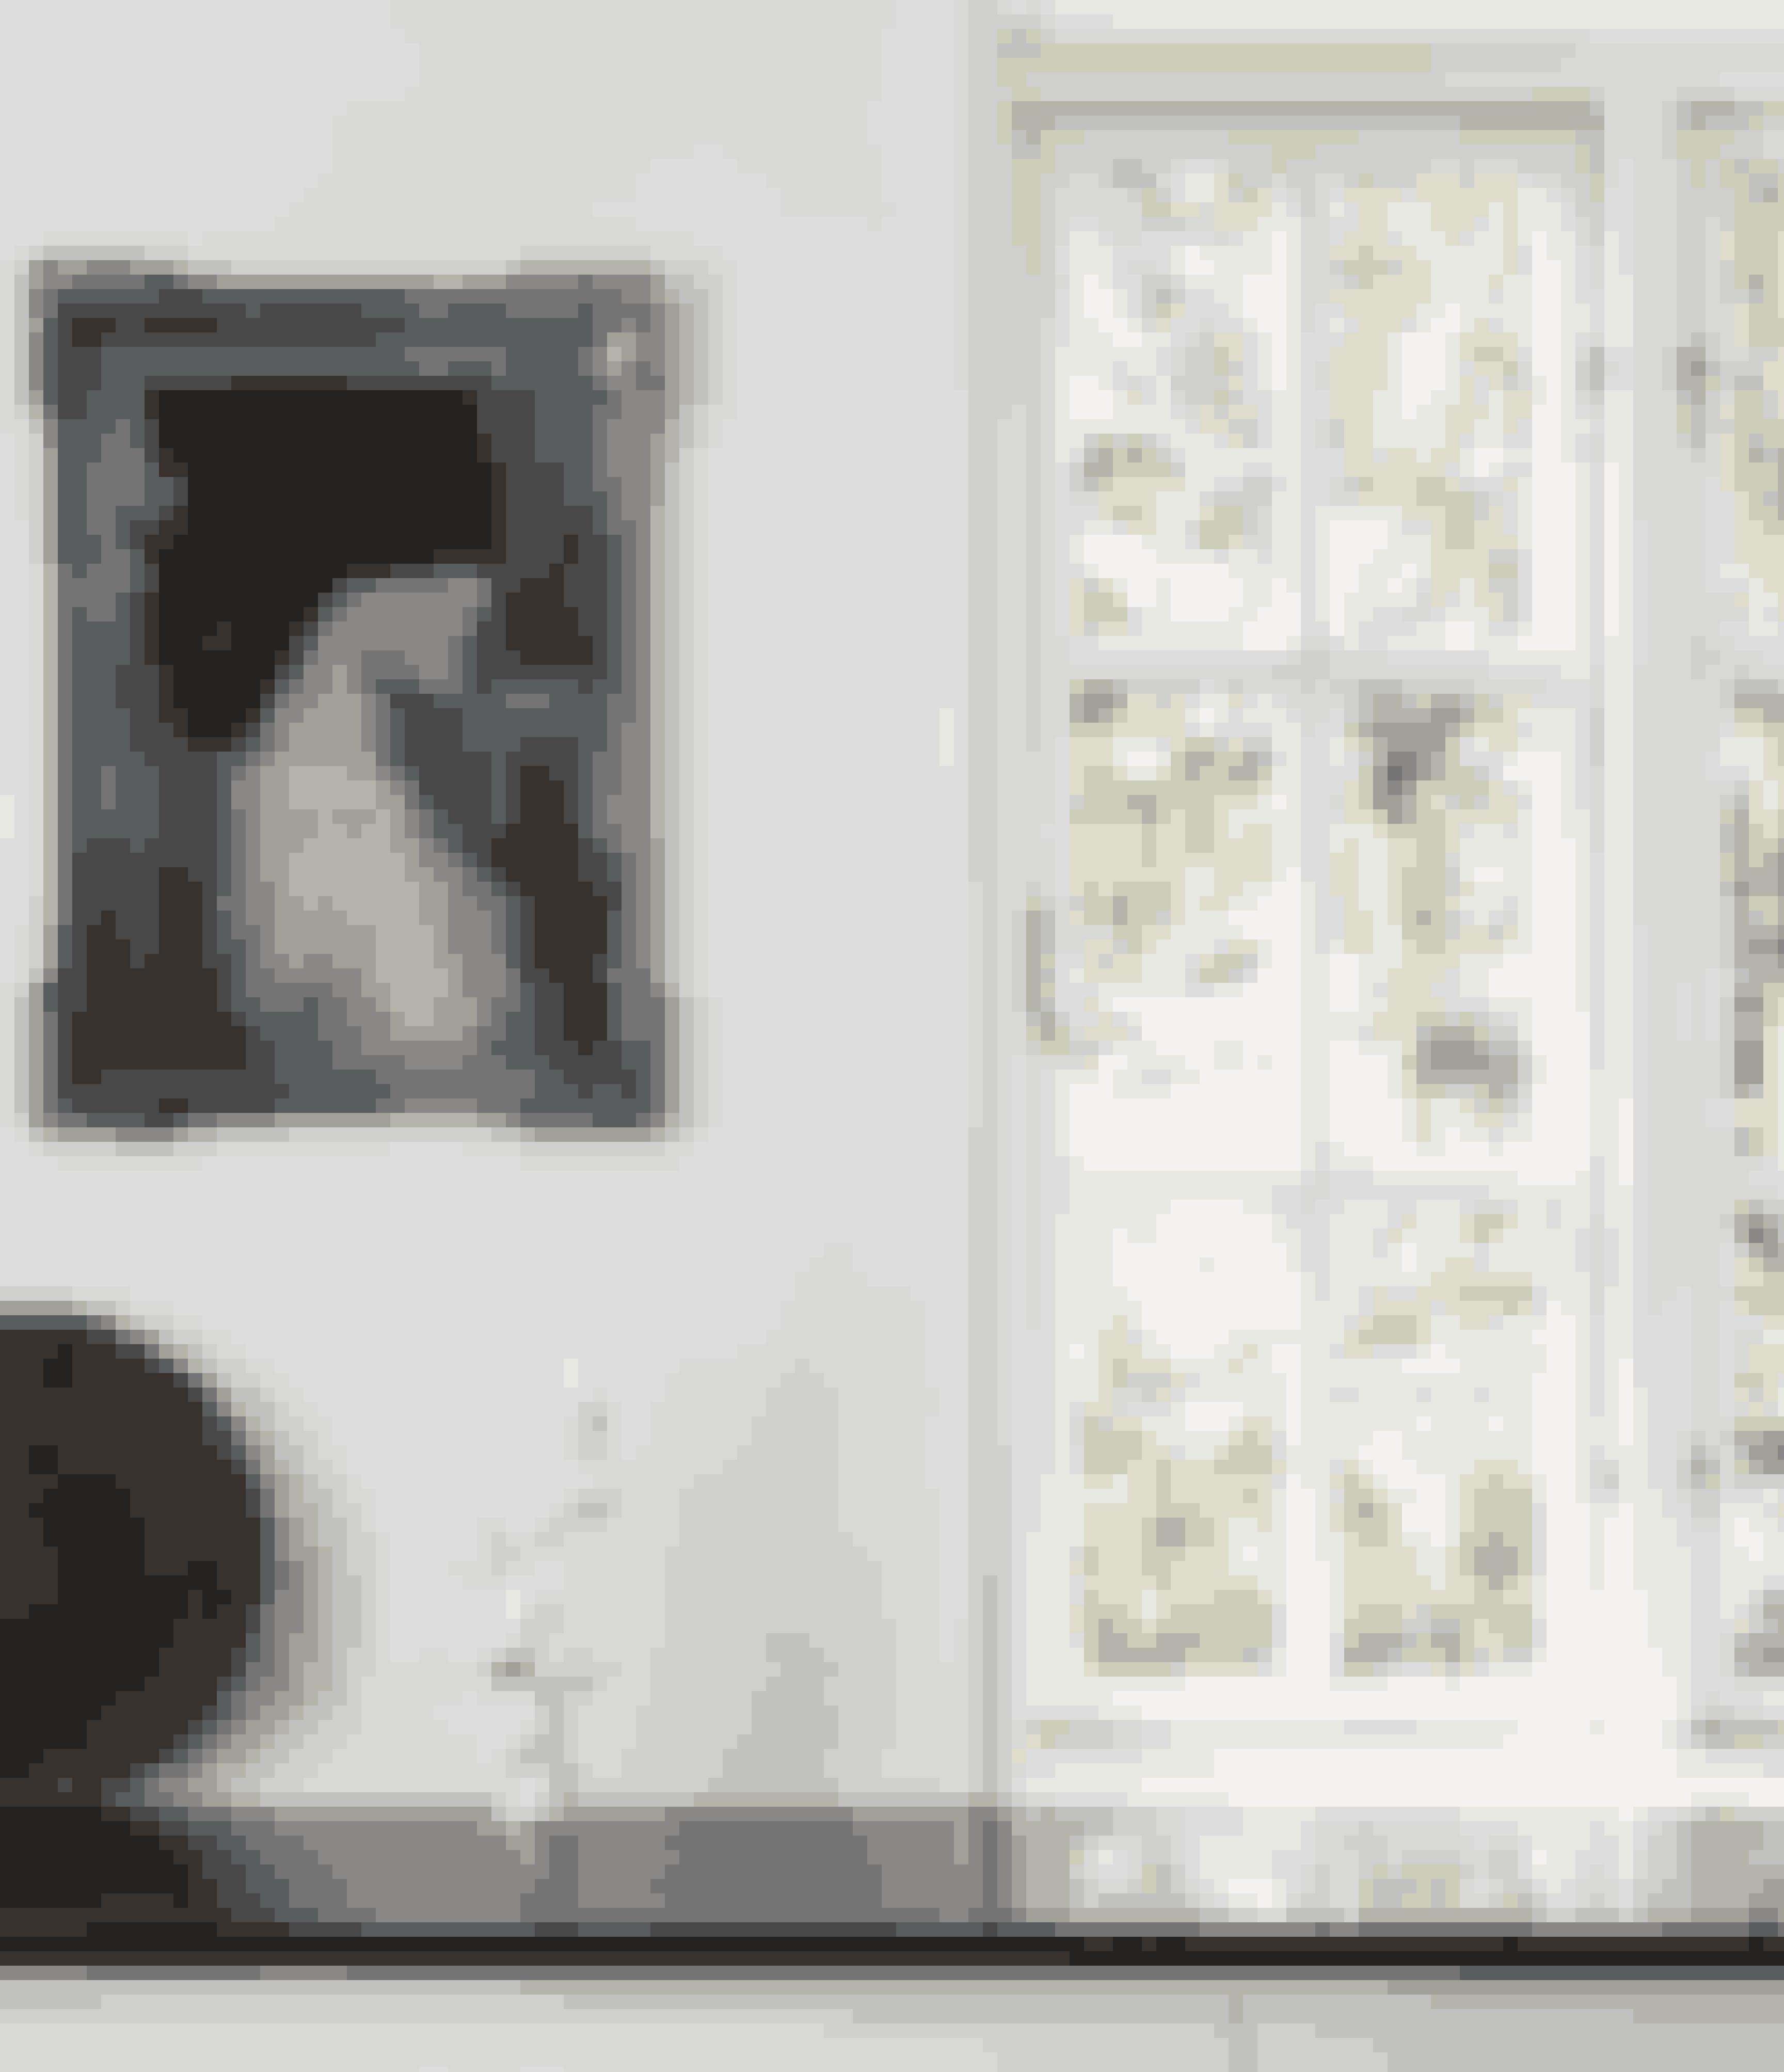 Kunst i køkkenet er med til at gøre et ofte uinteressant rum personligt. Maleriet er købt på en messe i Berlin, og lysestagen af hvid porcelæn er fra Artecnica.